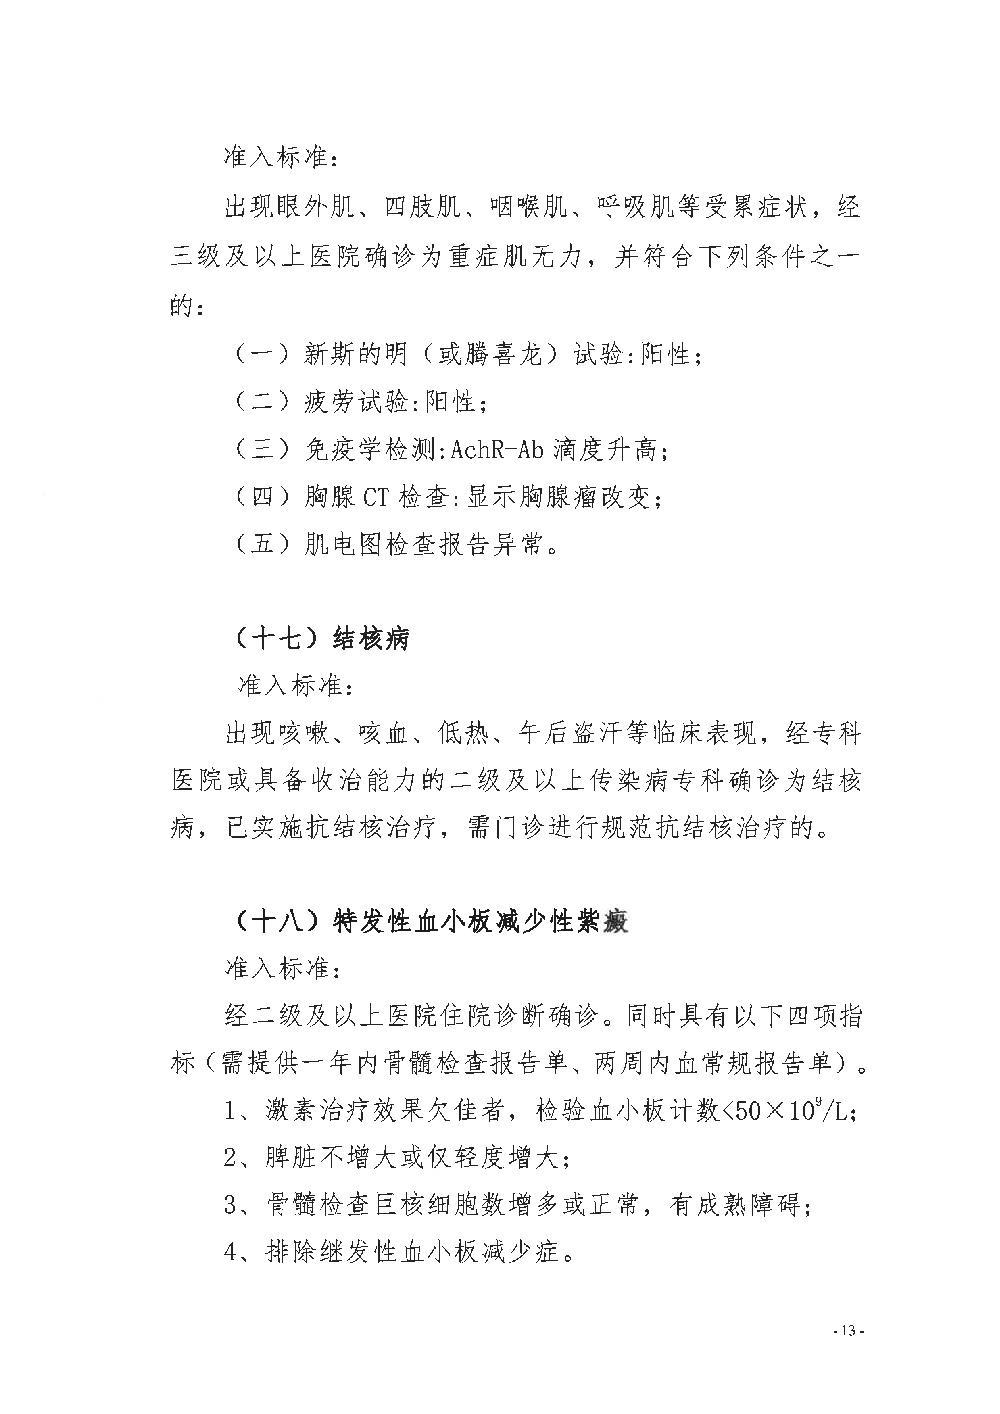 阜阳市城乡居民慢性病管理办法(1)_13.JPG